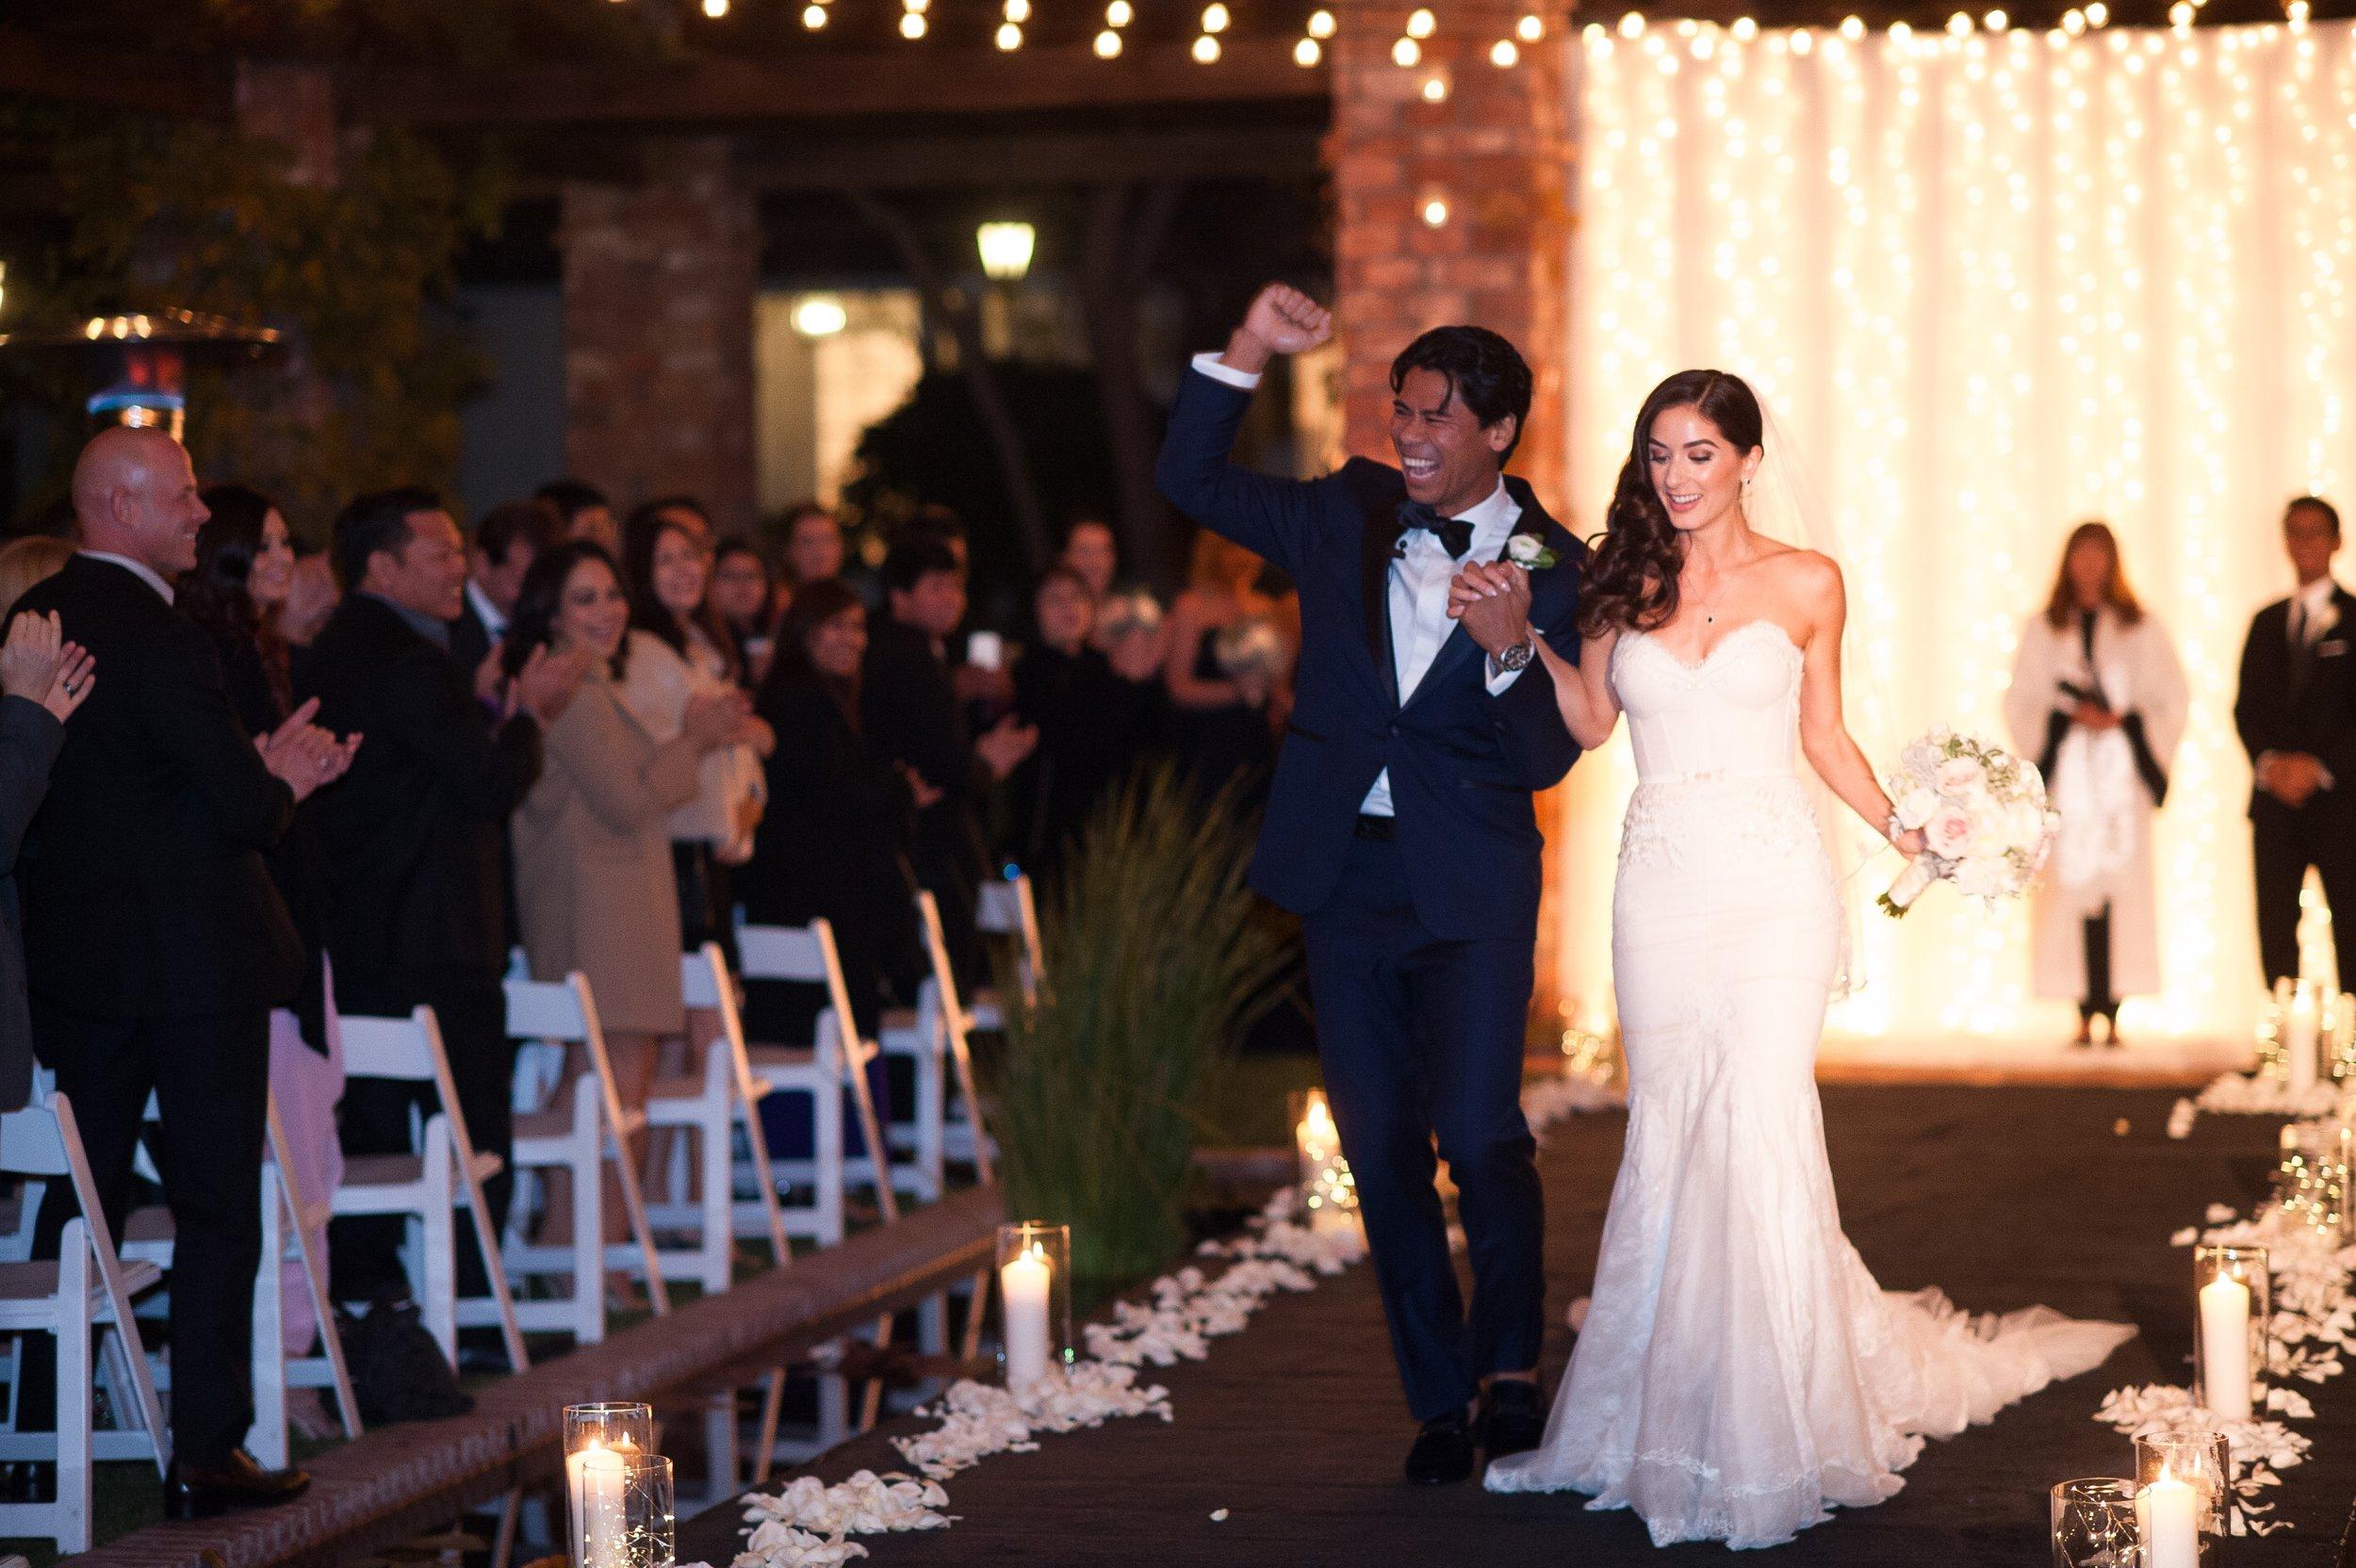 Felici Events | Wedding Planer | El Encanto Wedding | Santa Barbara Wedding | Wedding Planning | Wedding Ceremony | Just Married